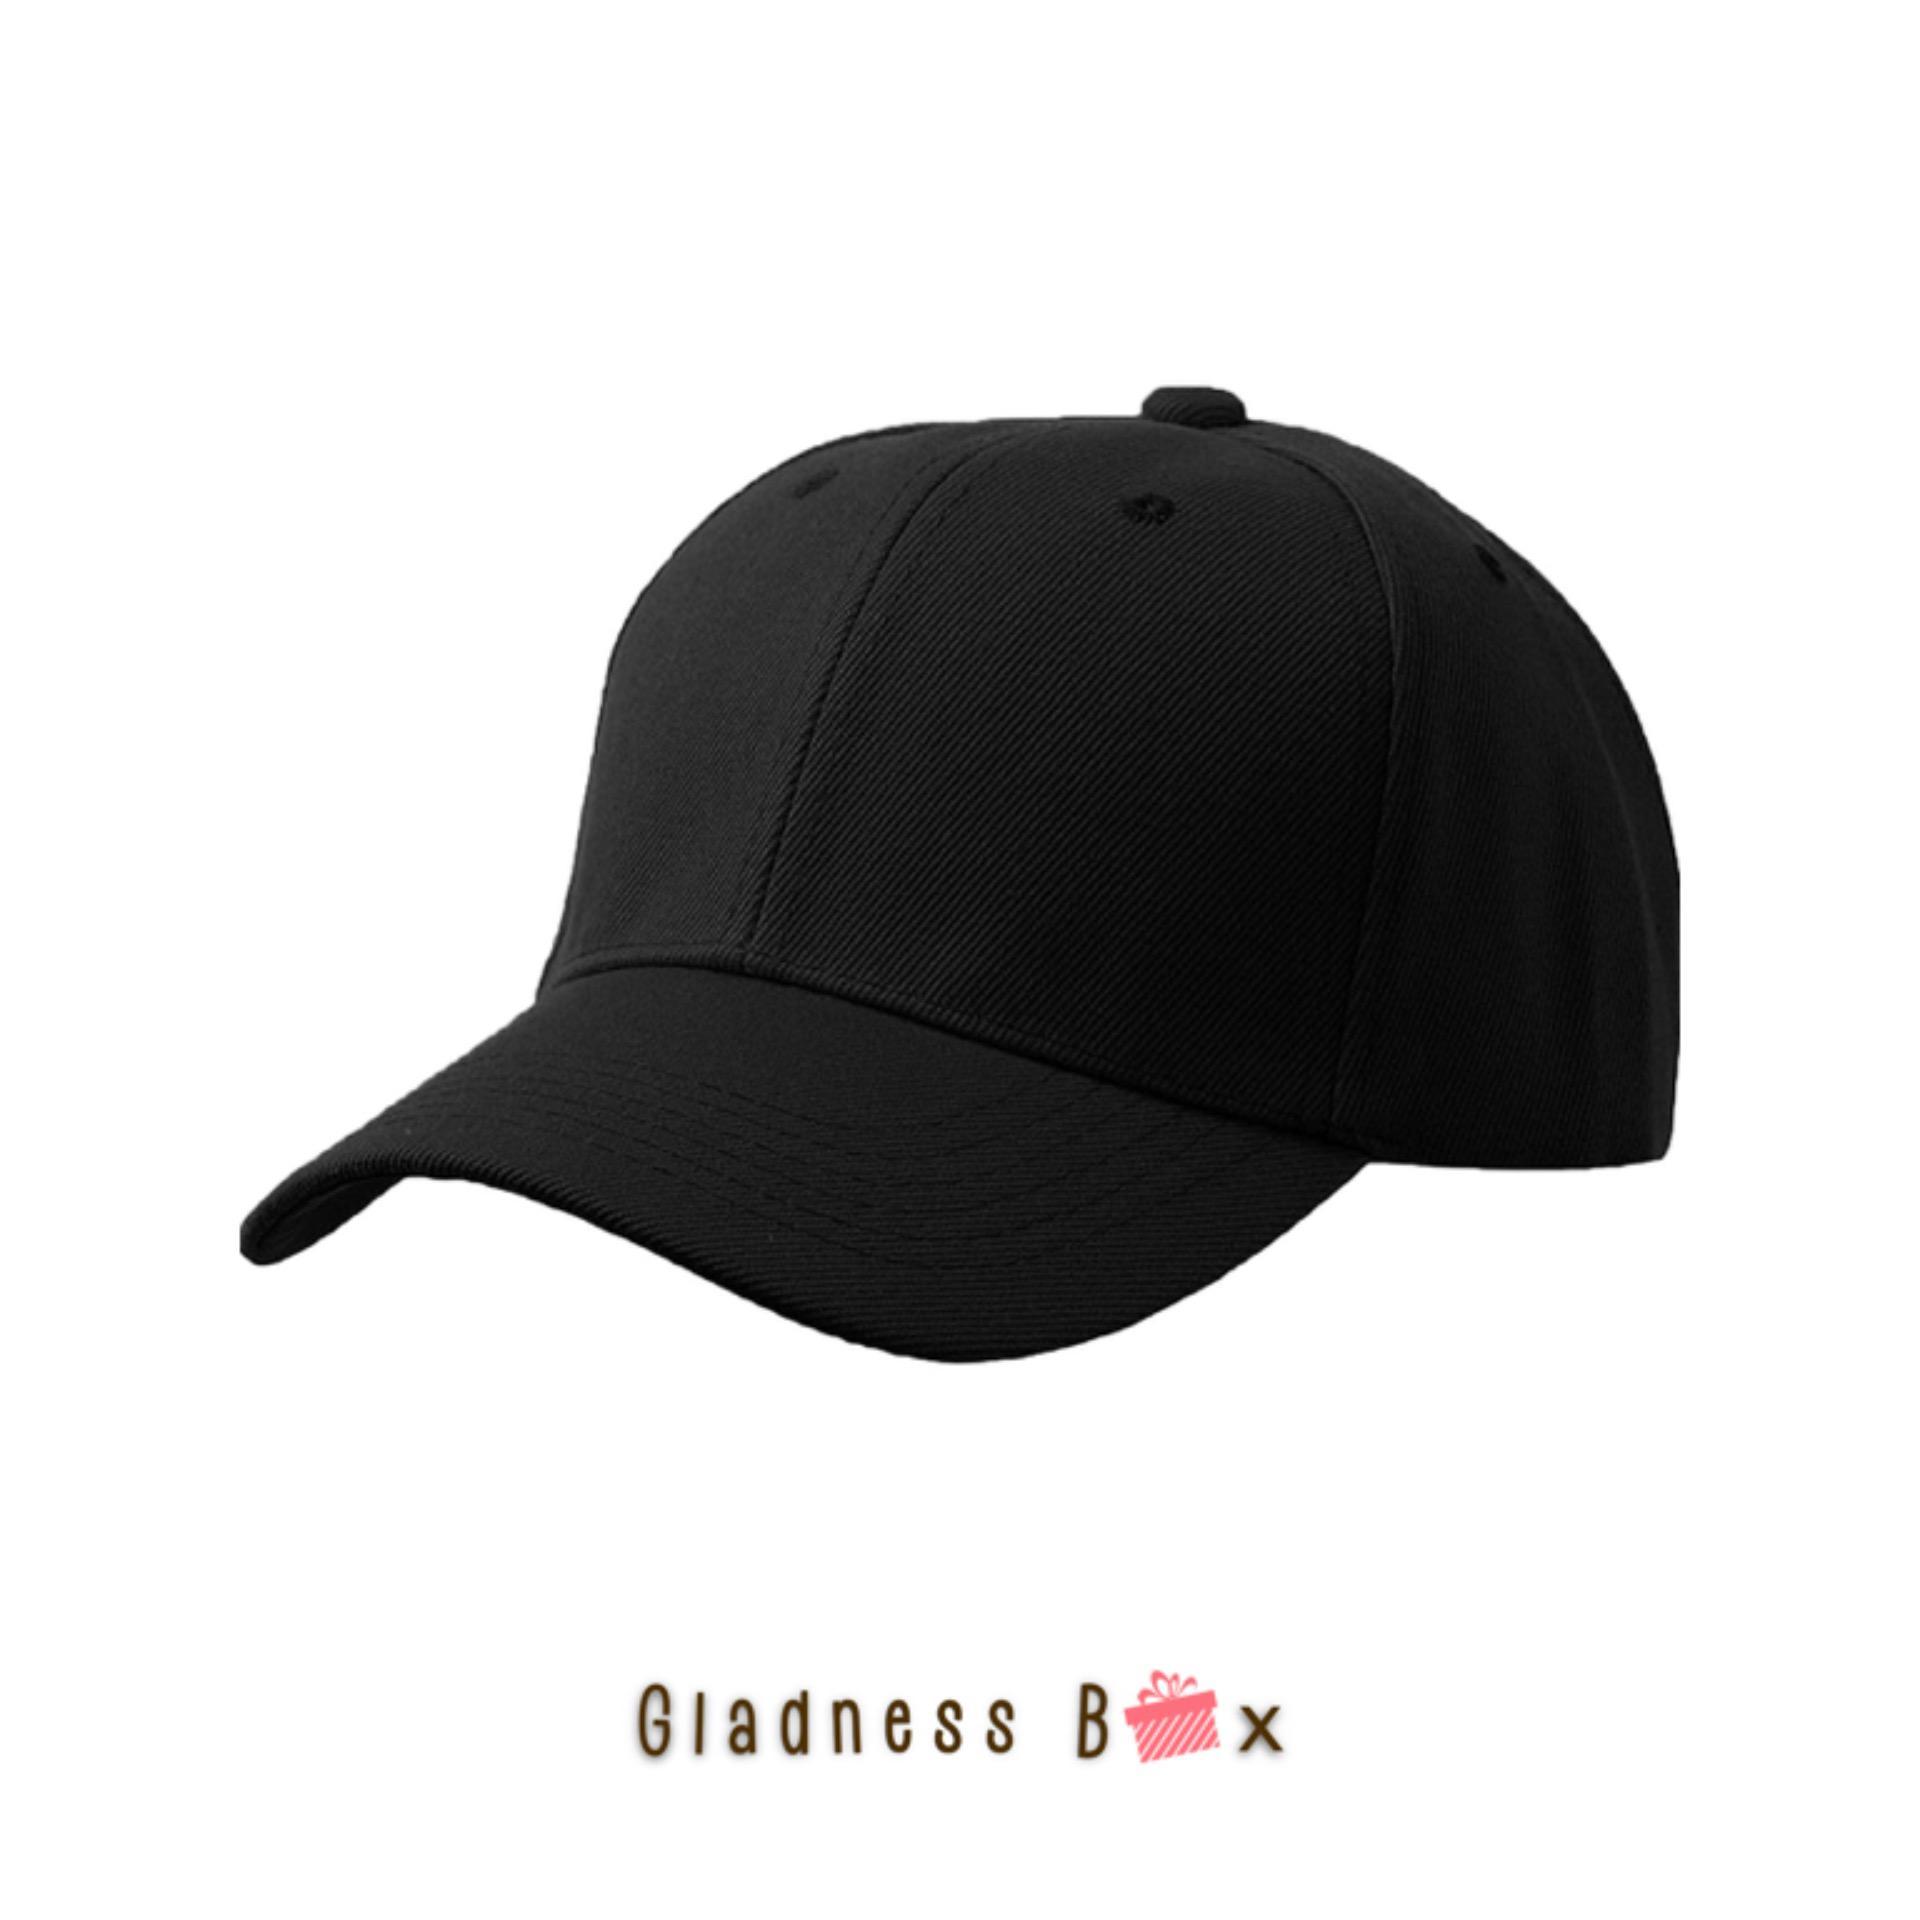 Gladness Box High Quality Plain Baseball Cap for Men Women Unisex f337d3b497